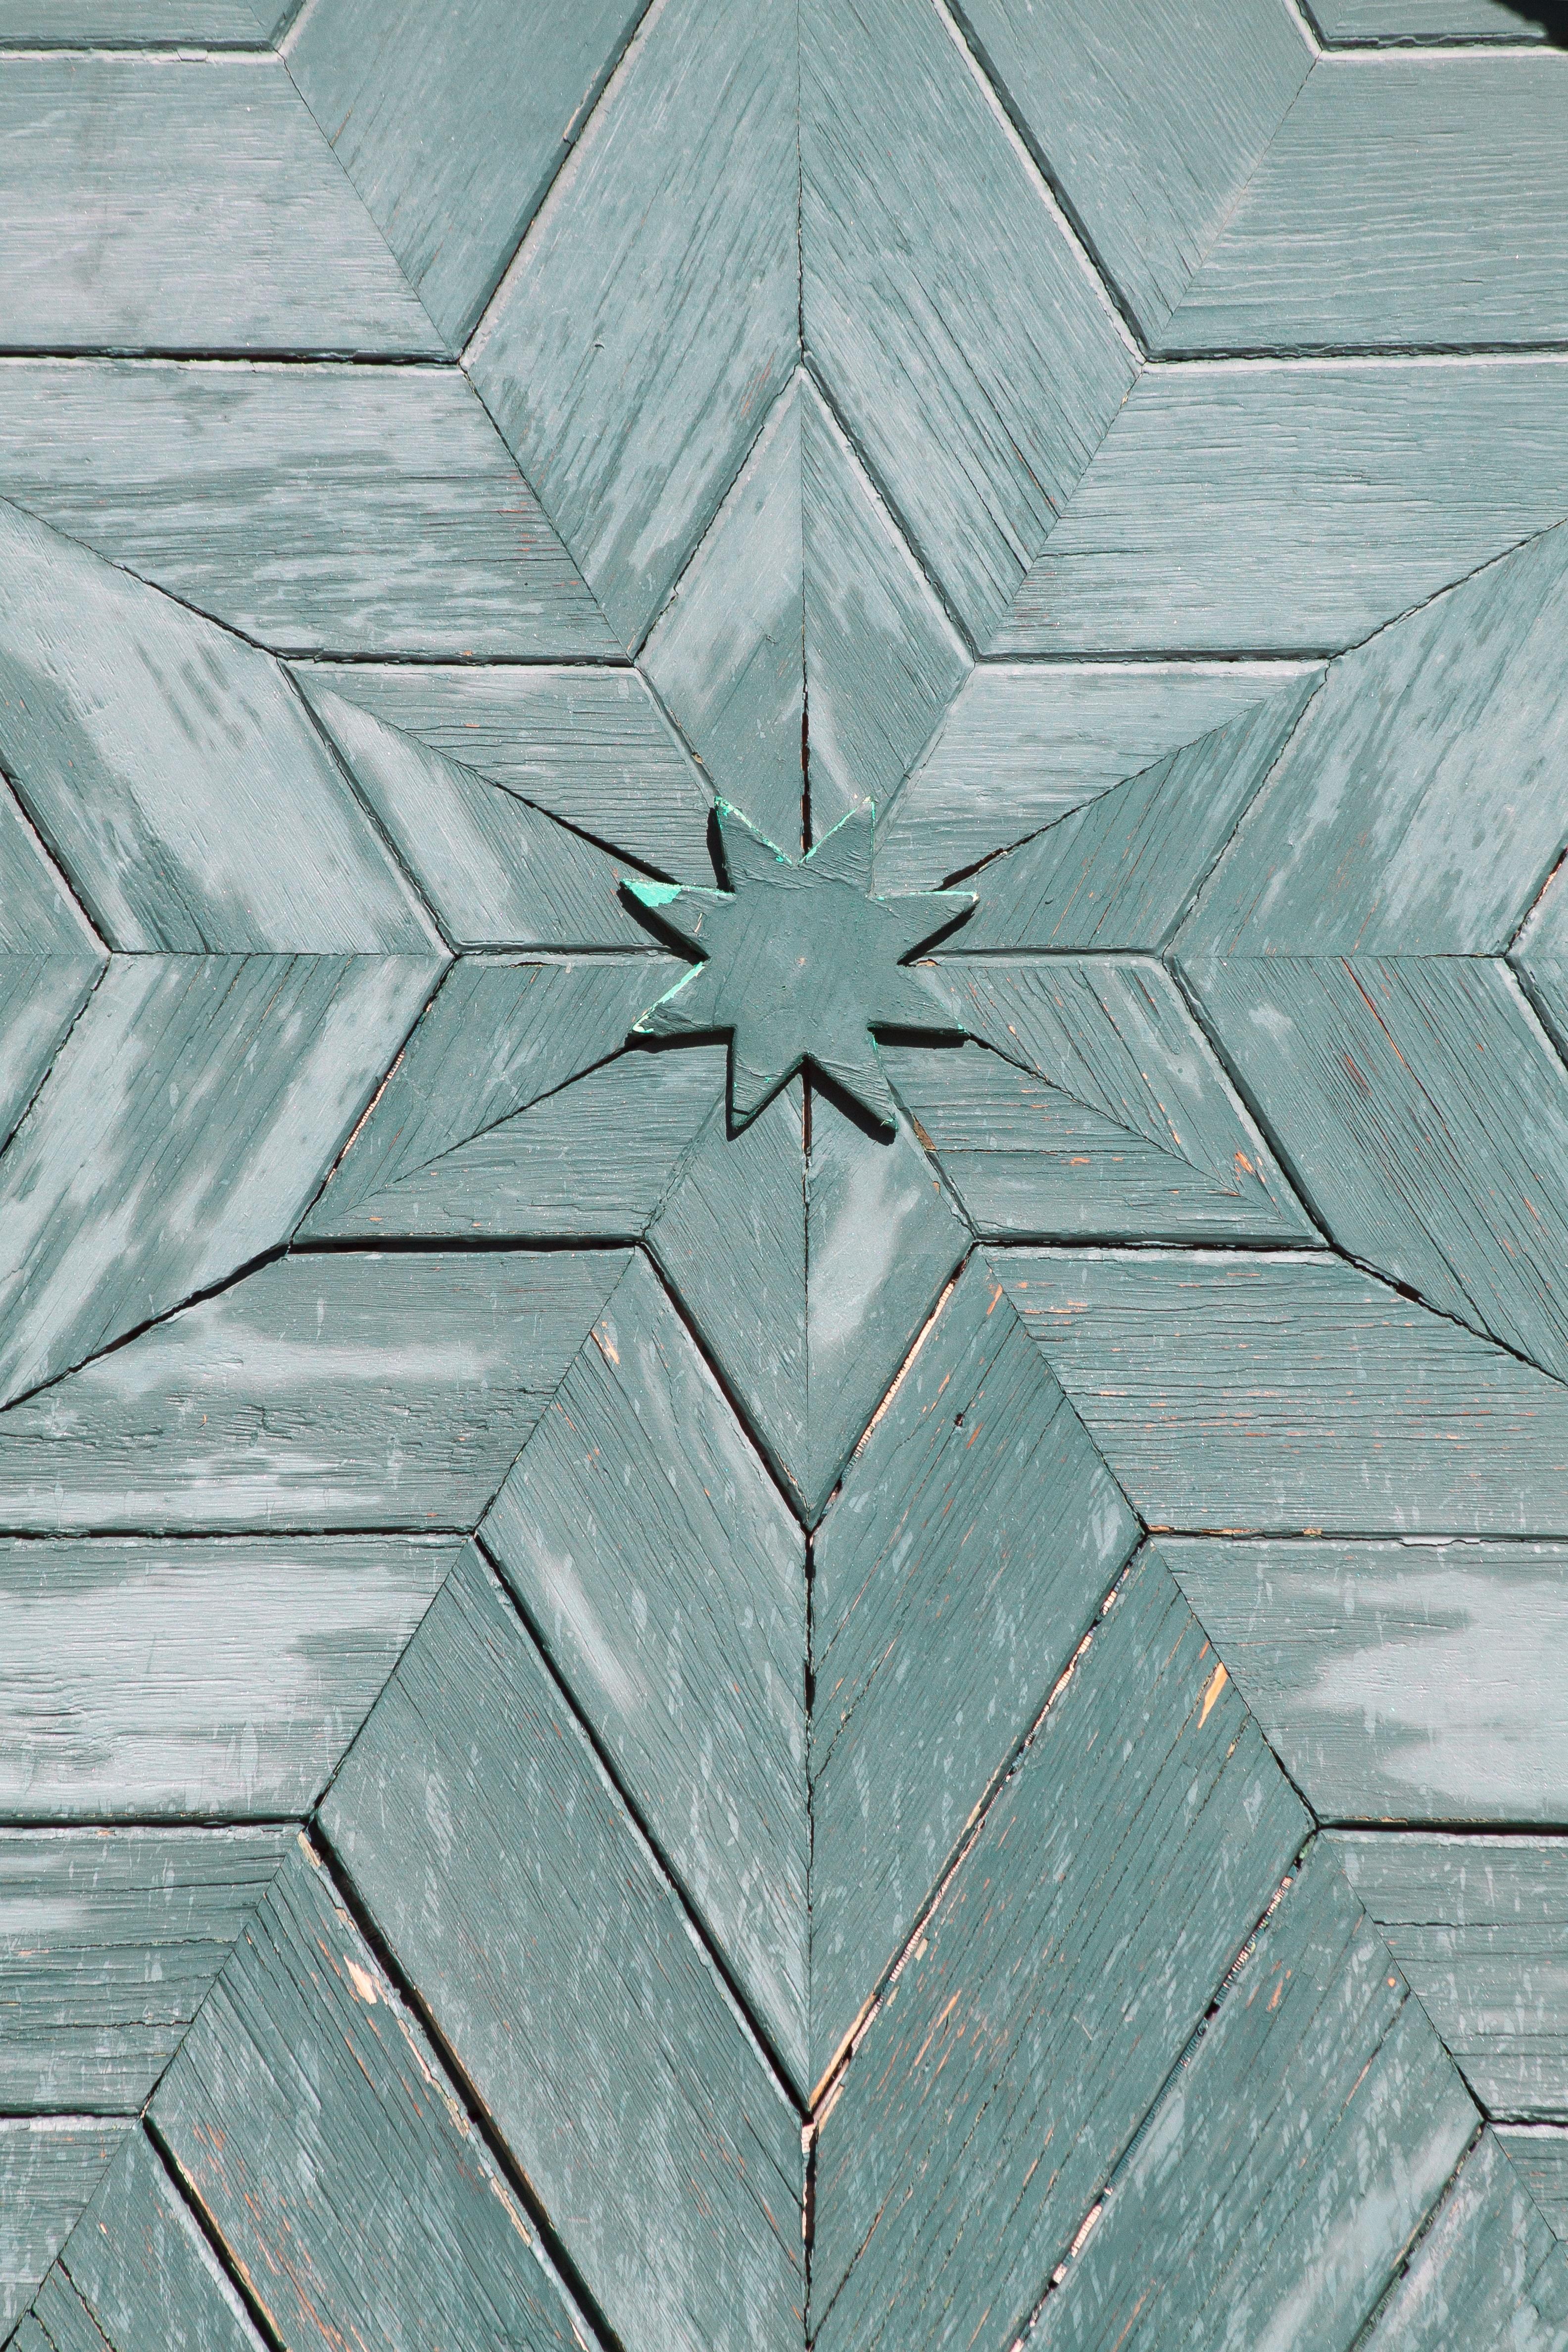 Free Images : tree, wood, wheel, star, texture, leaf, floor, pattern ...